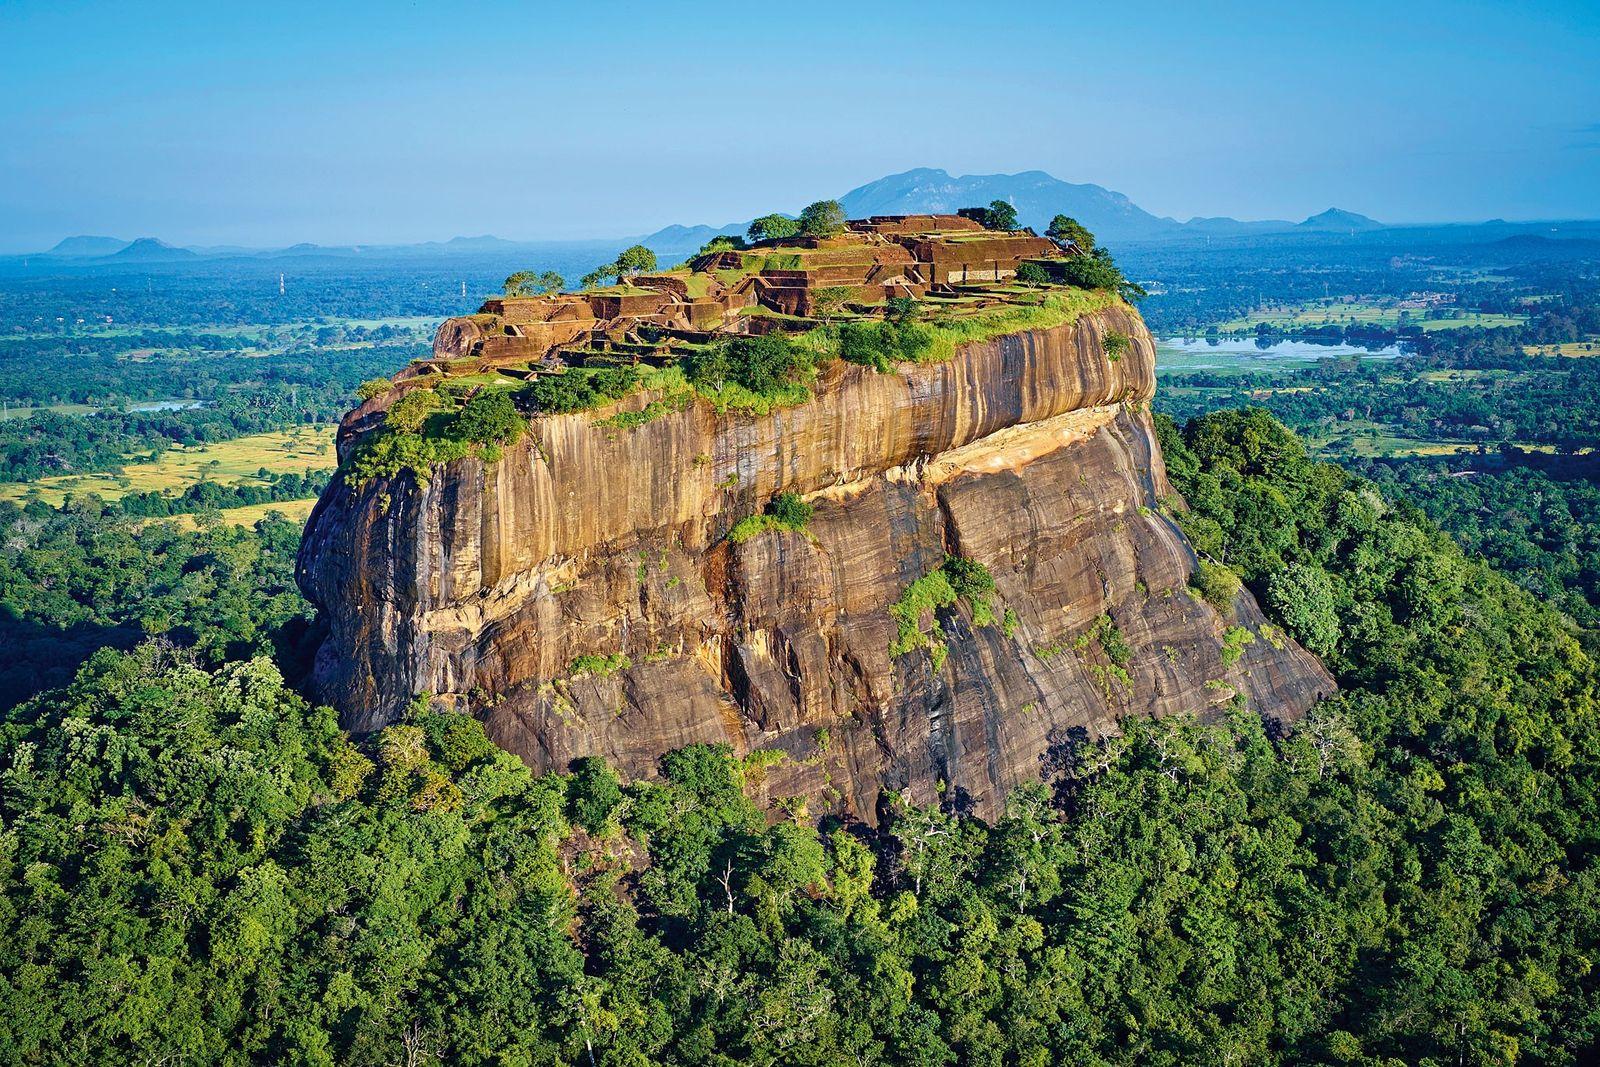 La jungle recouvre la face orientale du rocher Sigirîya, surmontée de la citadelle construite par le ...